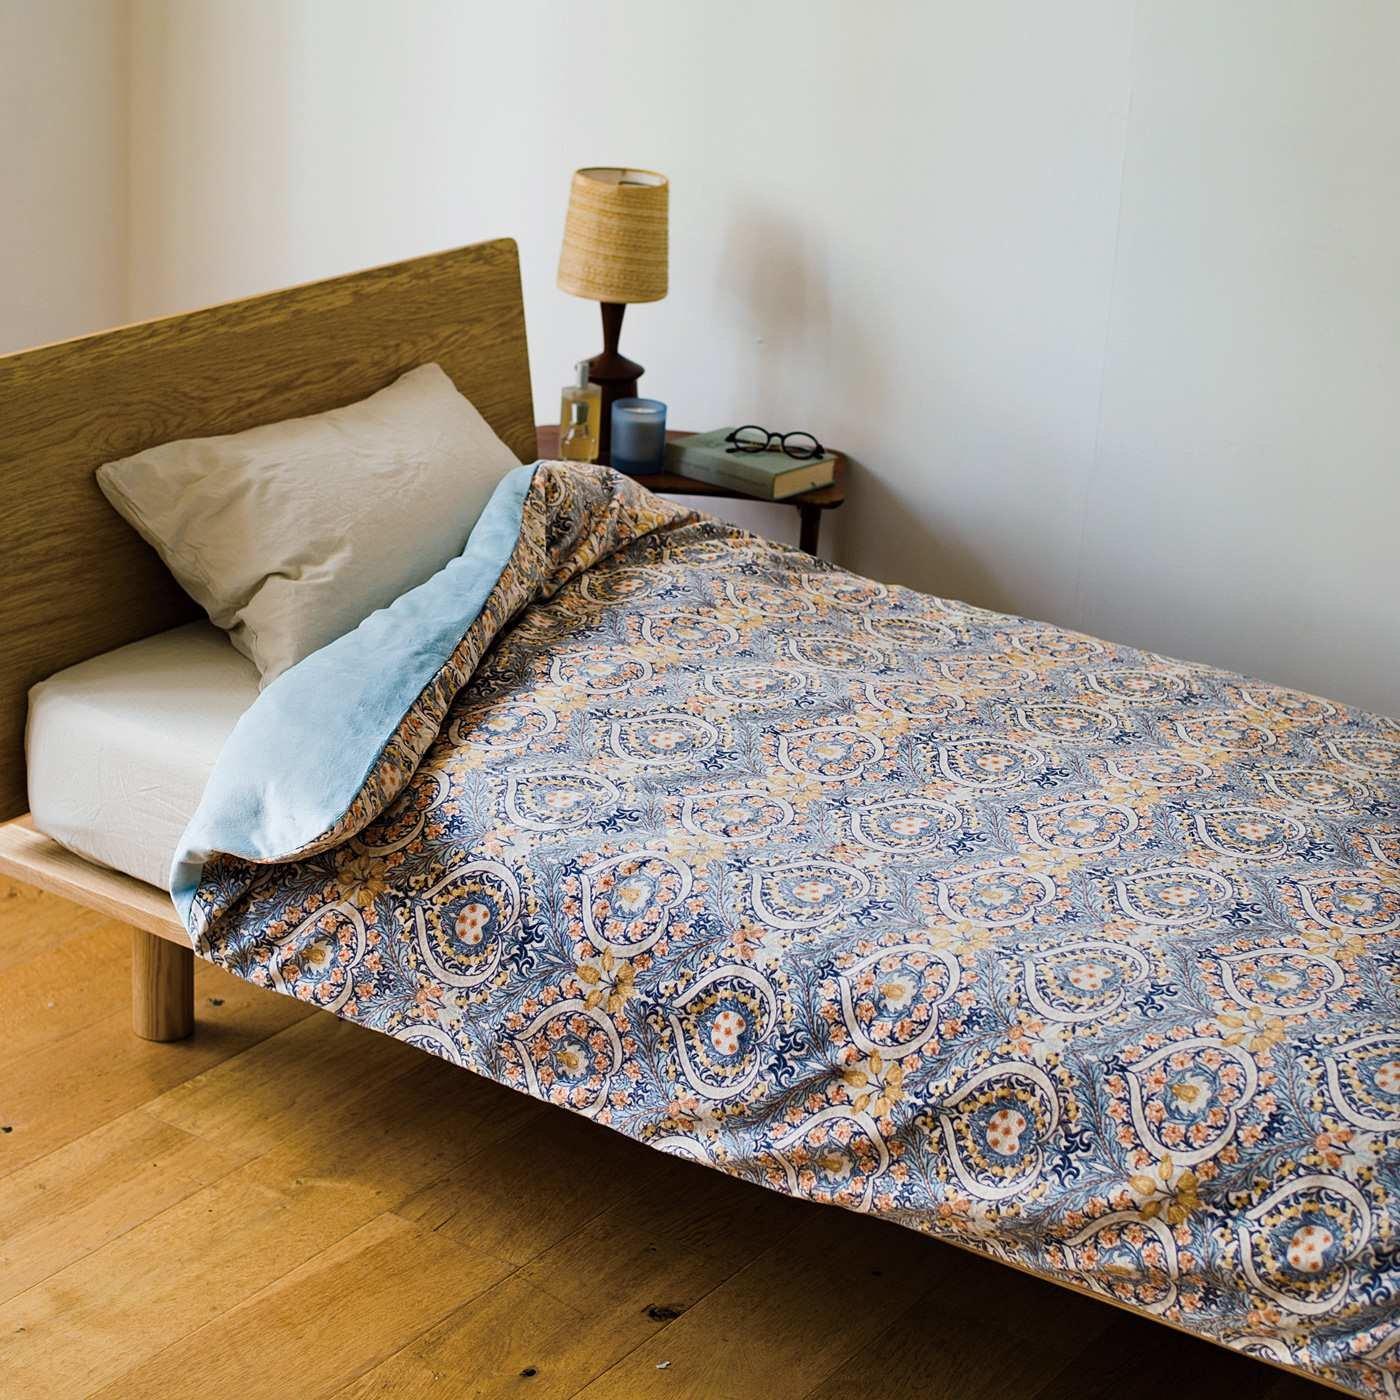 V&A Arts&Crafts collection とことん眠りにこだわった 綿起毛でリッチな寝心地 ウォームパイル 掛けふとんカバー イーデン〈シングル〉